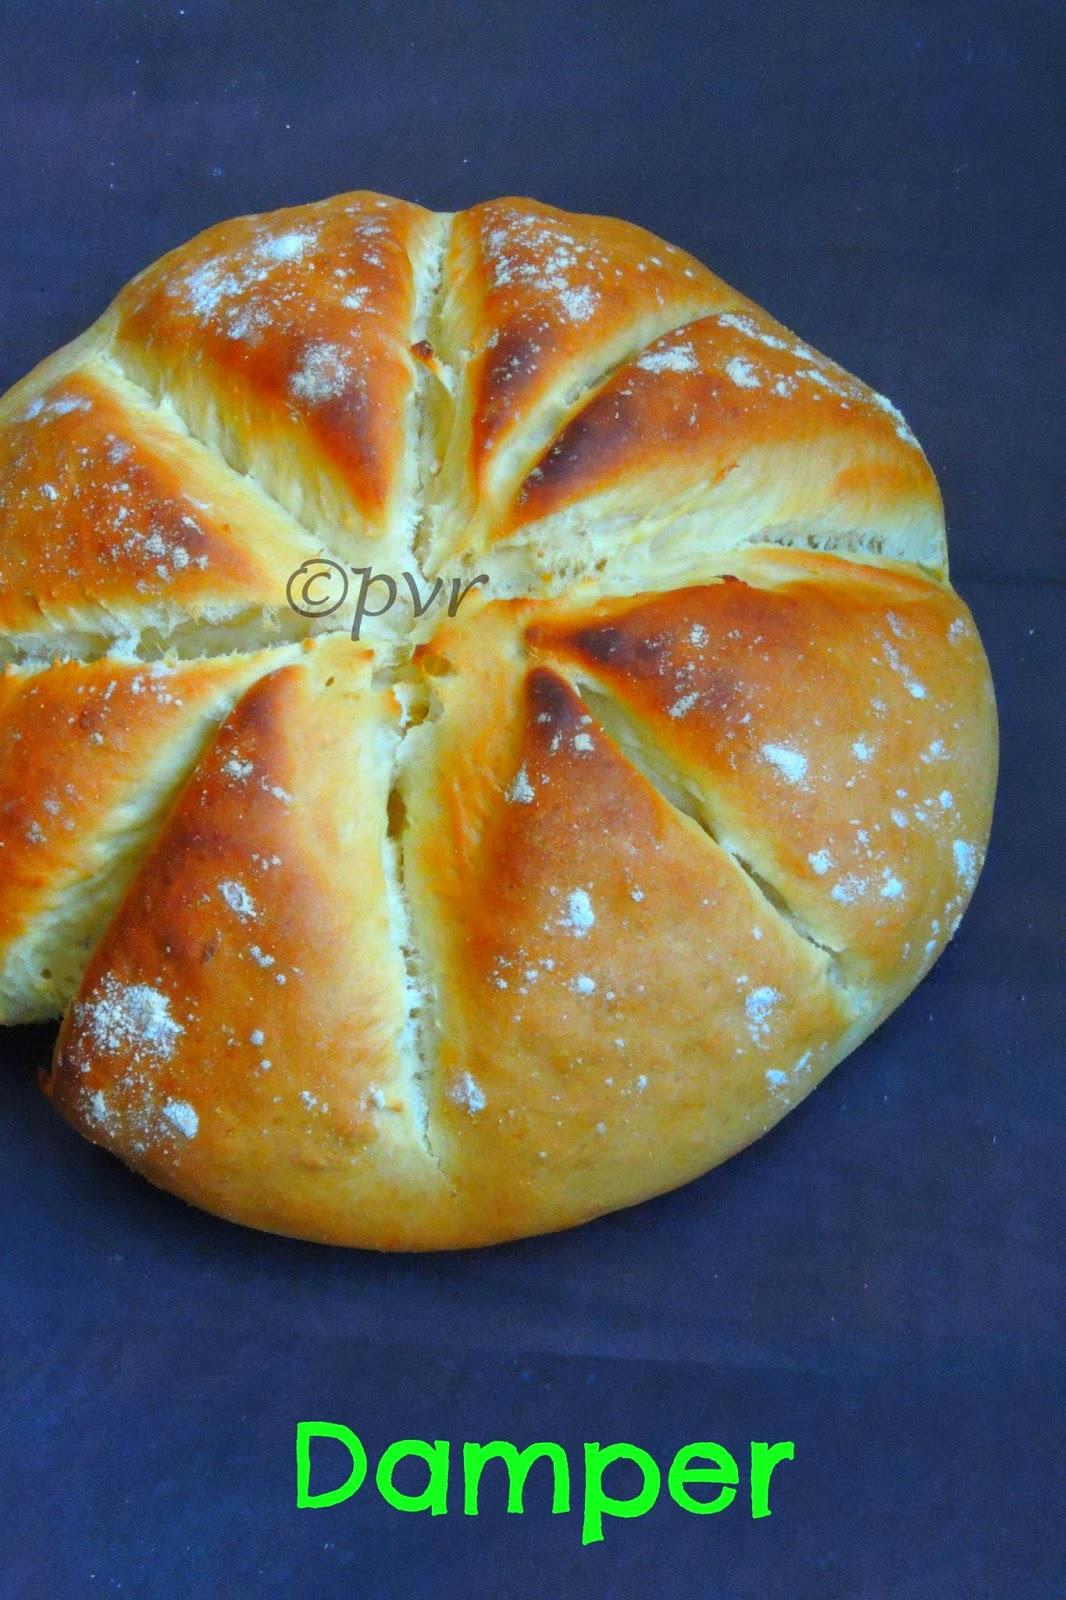 Damper, Le Pain Australien, Australien Bread